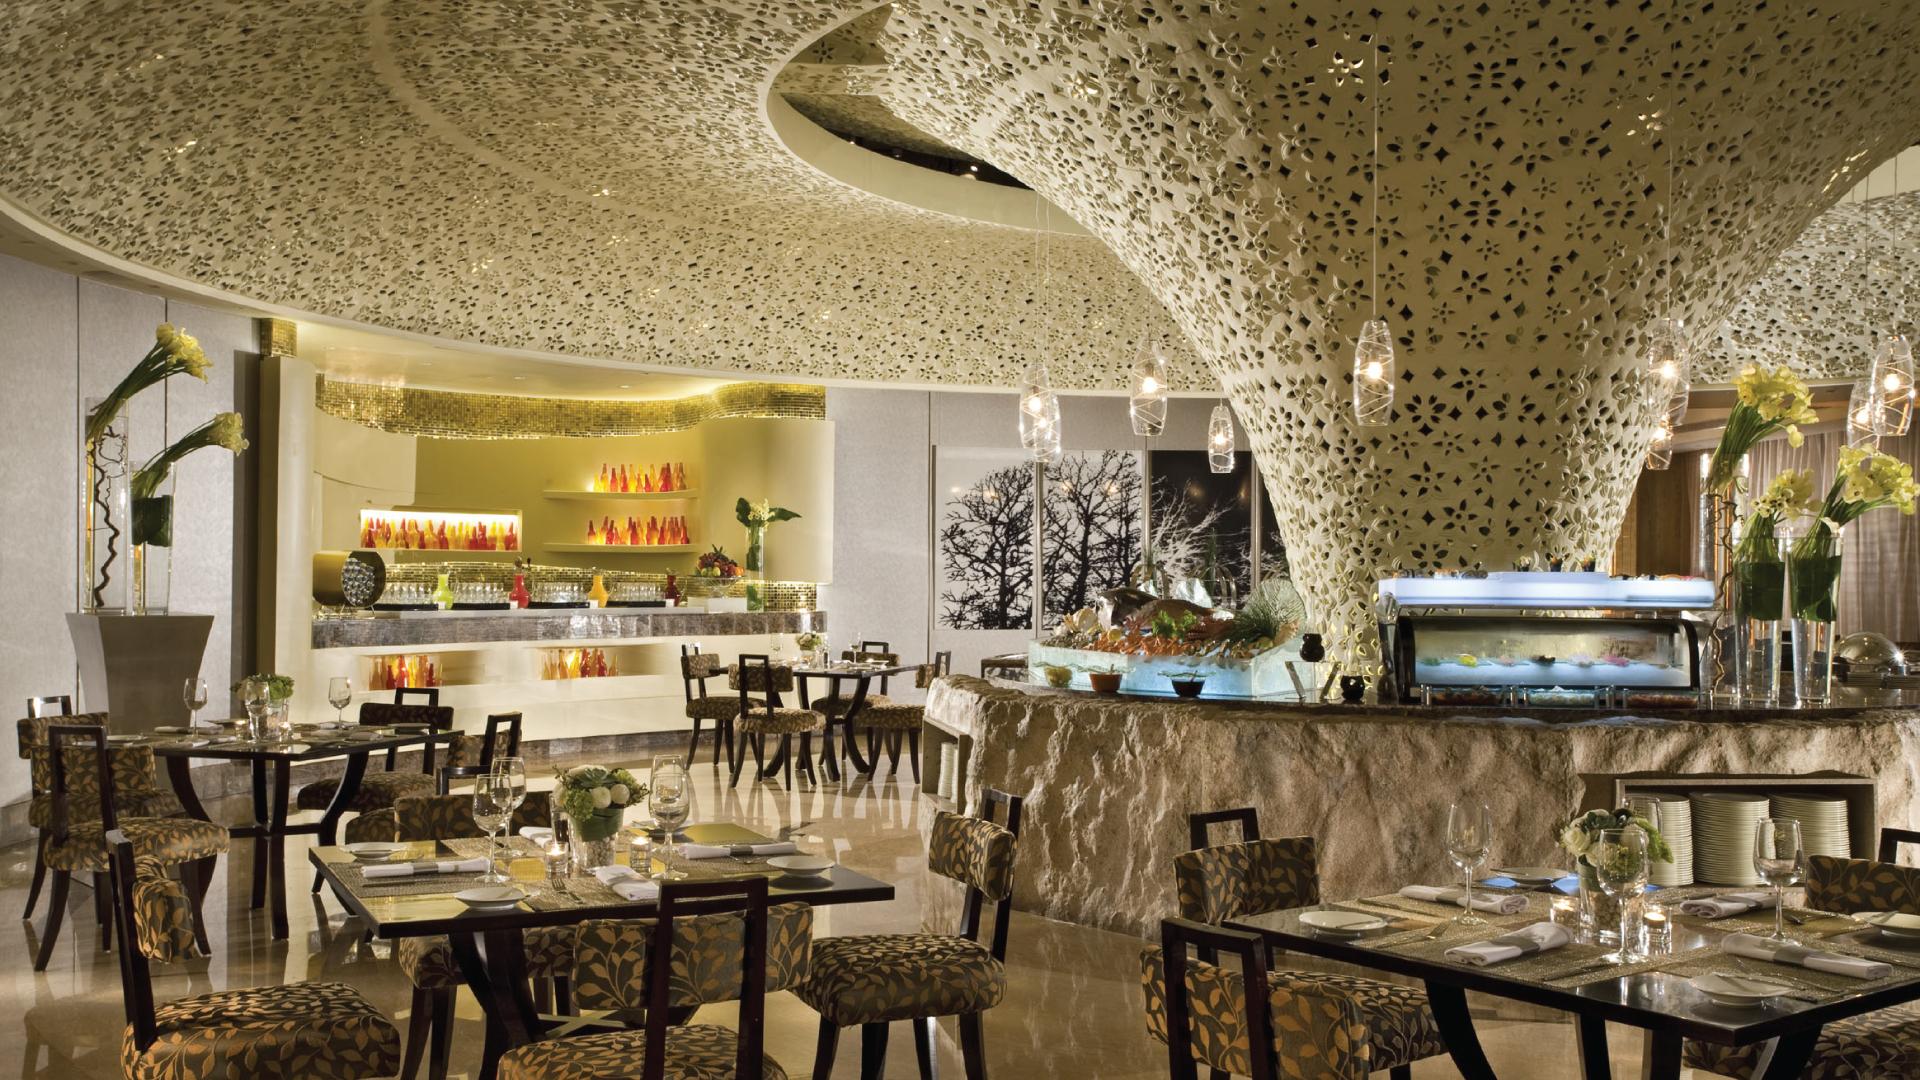 thecafe_hotel_mulia_jakarta_88.jpg